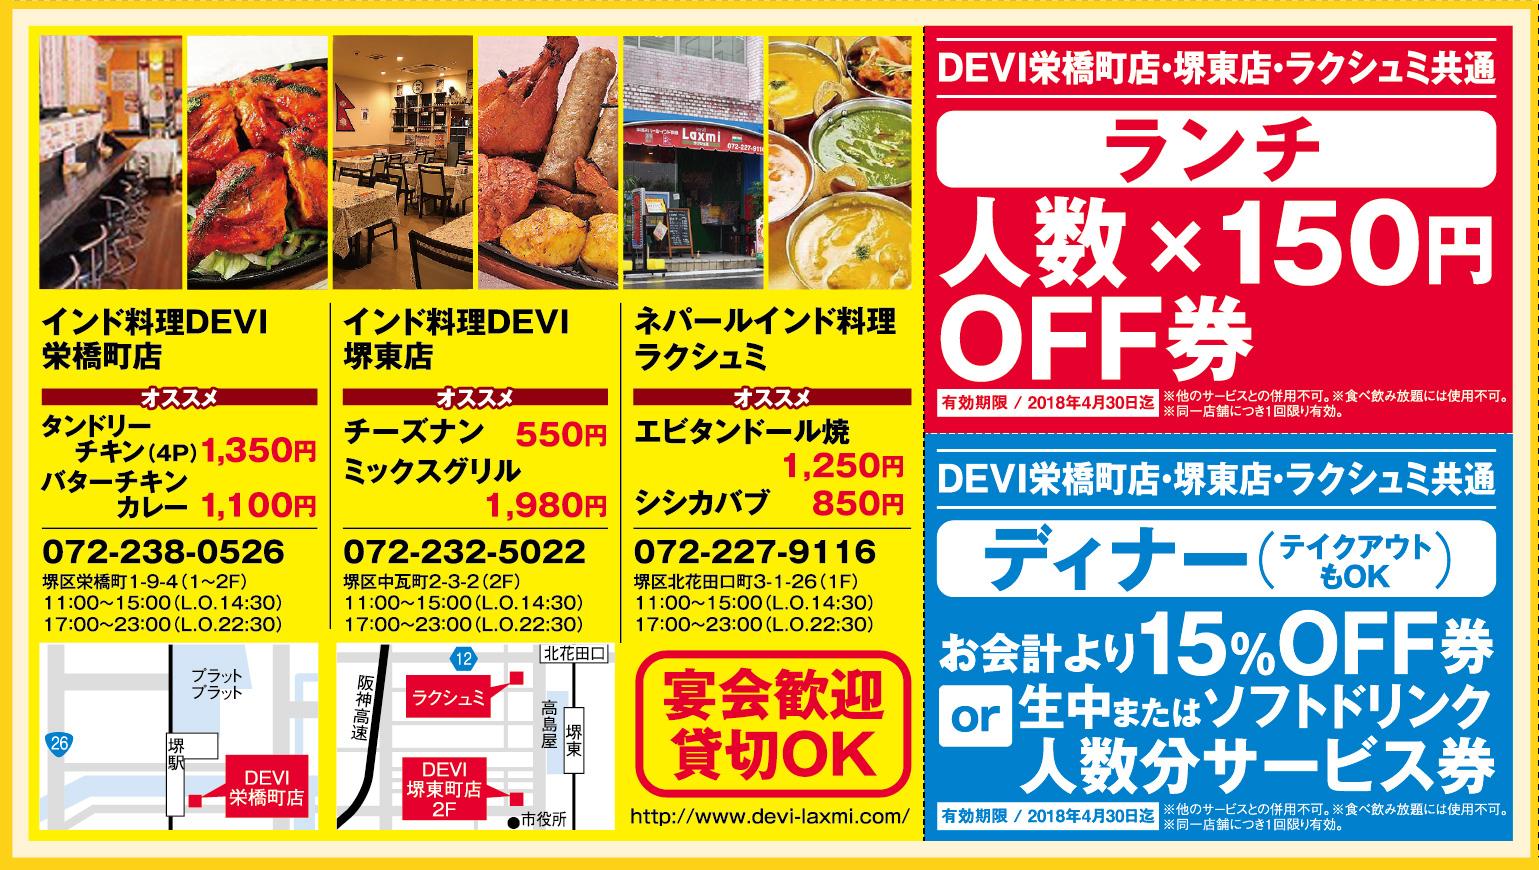 インド料理 DEVI(デビ) 堺東店